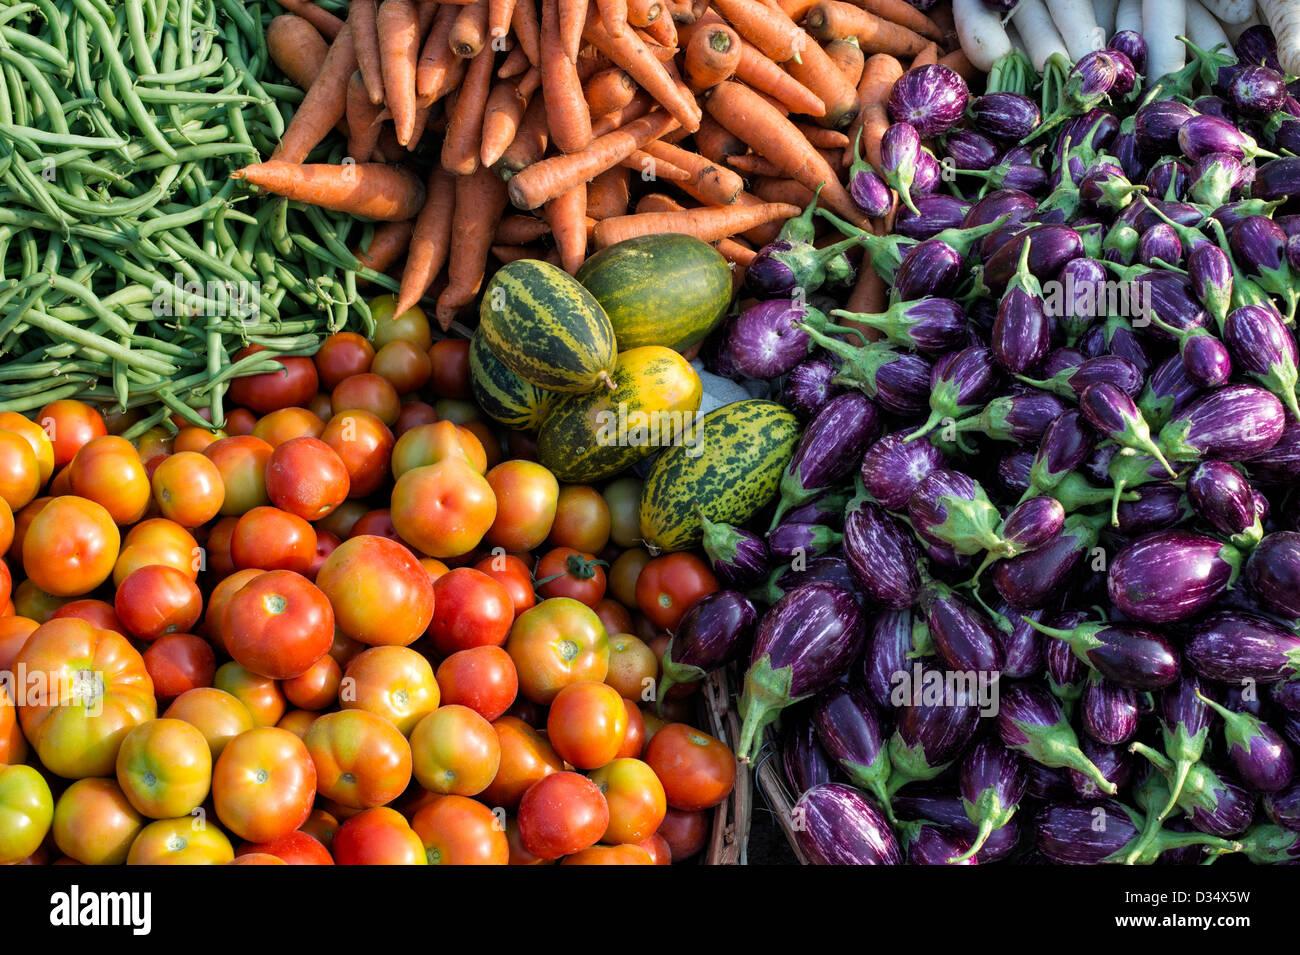 Indian verduras en una aldea rural mercado, Andhra Pradesh, India. Imagen De Stock